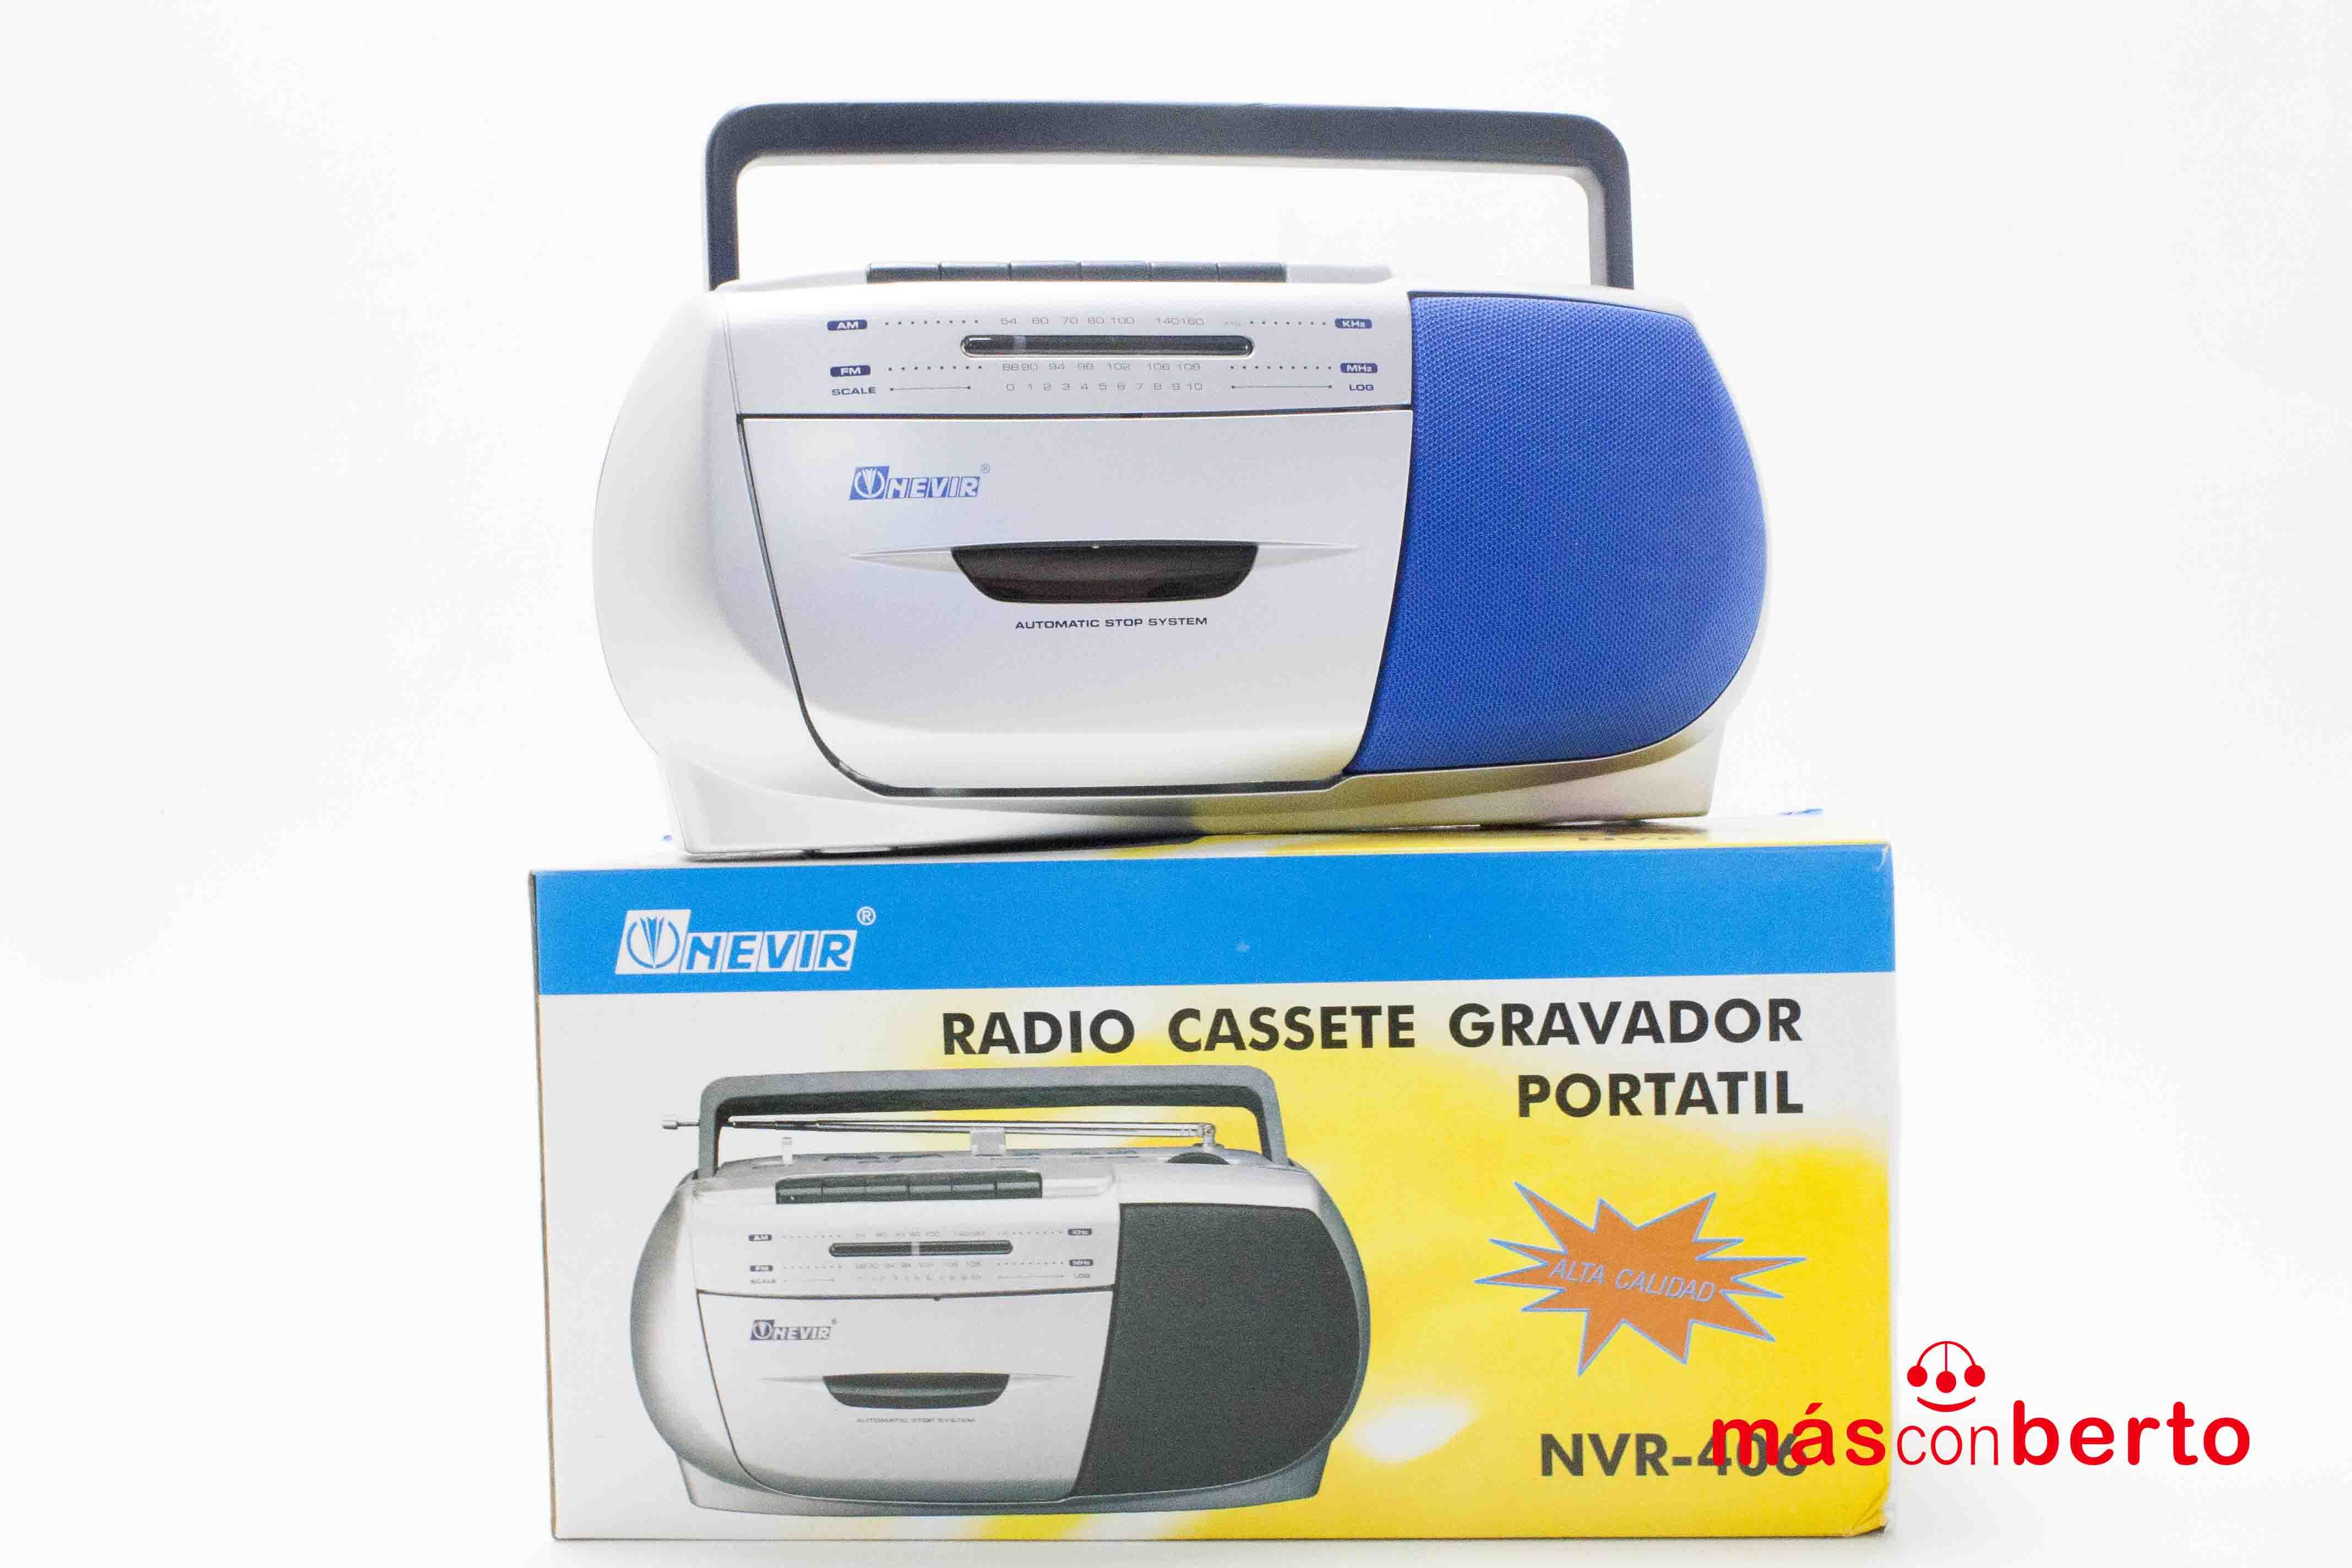 Radio casette Nevir NVR-406